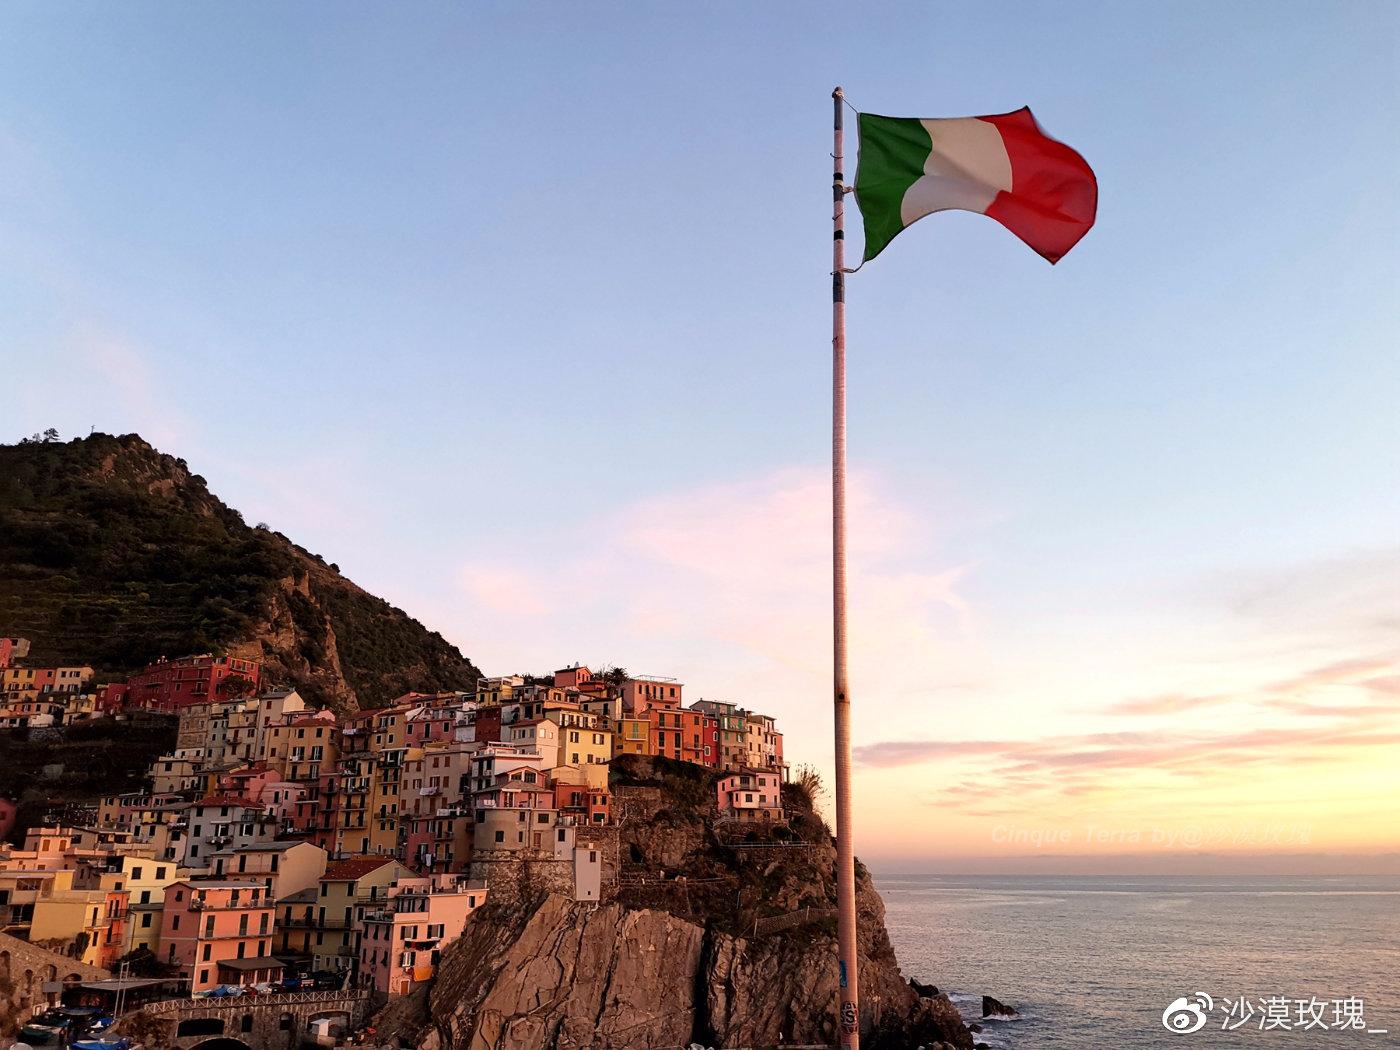 意大利最小的国家公园,建在悬崖上的梦幻彩色小镇